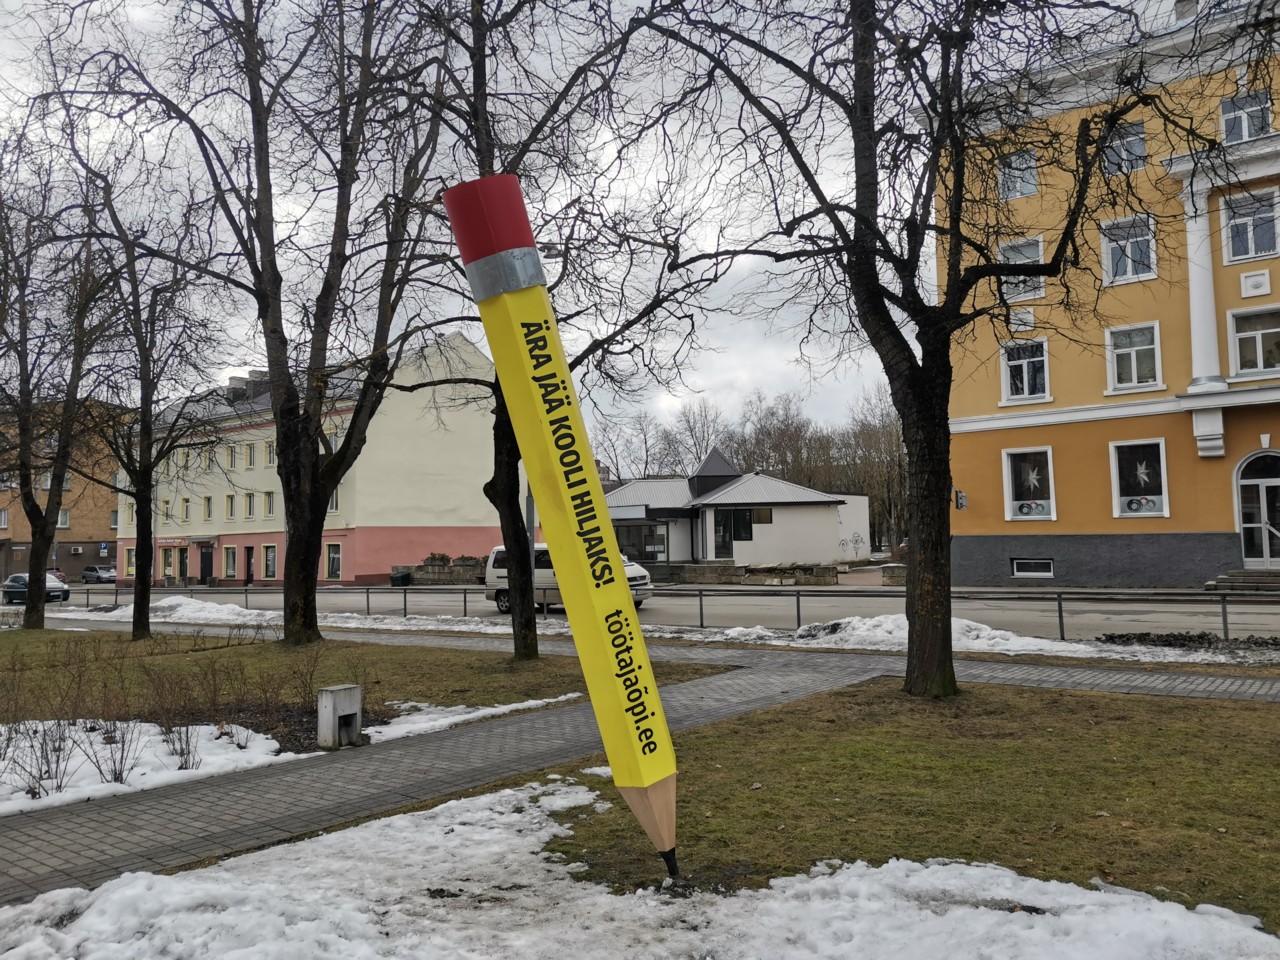 Гигантский карандаш на ул. Пушкина – и реклама, и арт-объект